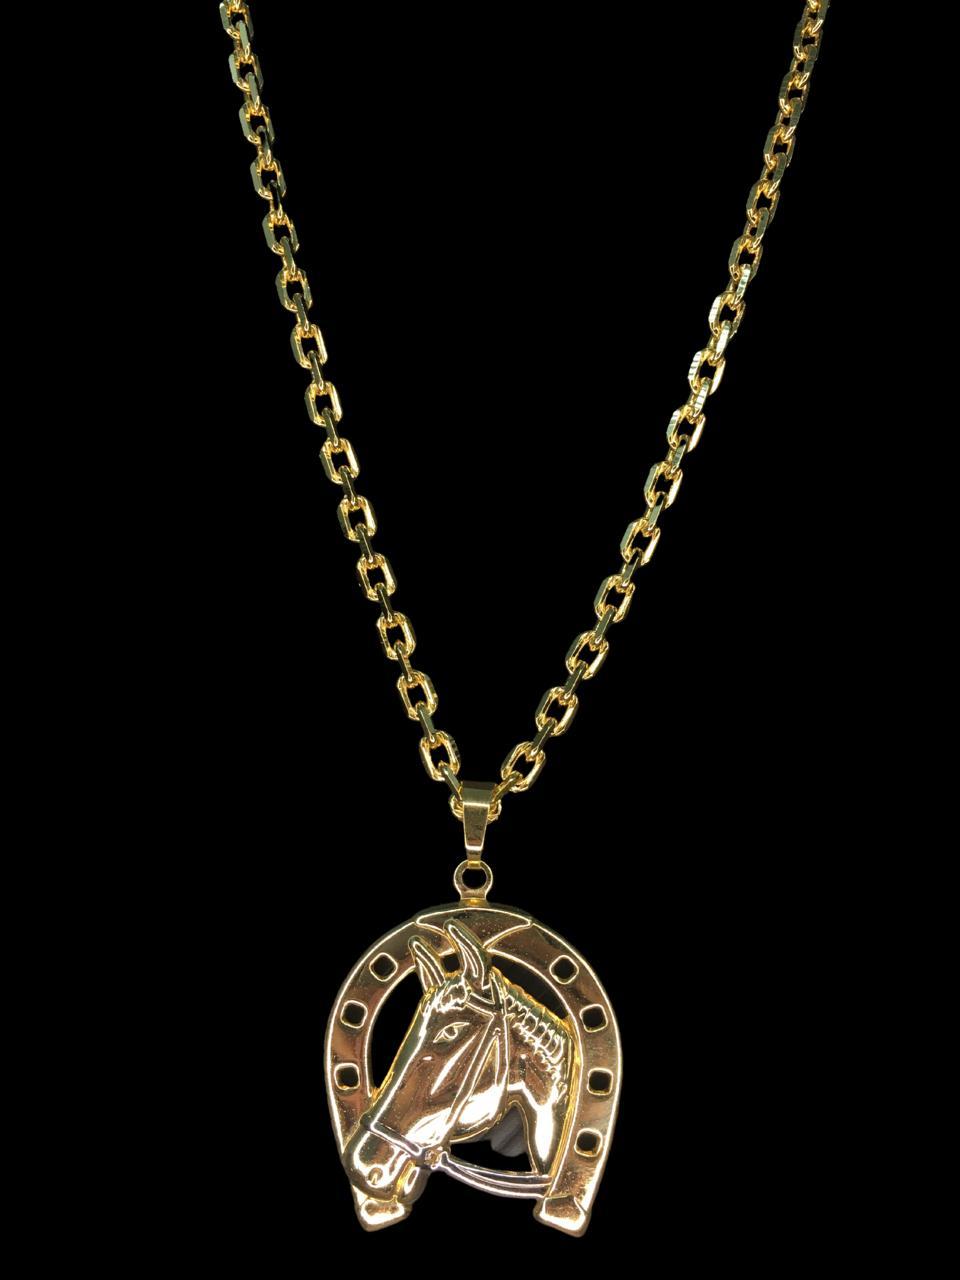 Kit Corrente cartie de 3 milímetros  70 centímetros  Com Pingente Ferradura cavalo  Banhados a Ouro 18k